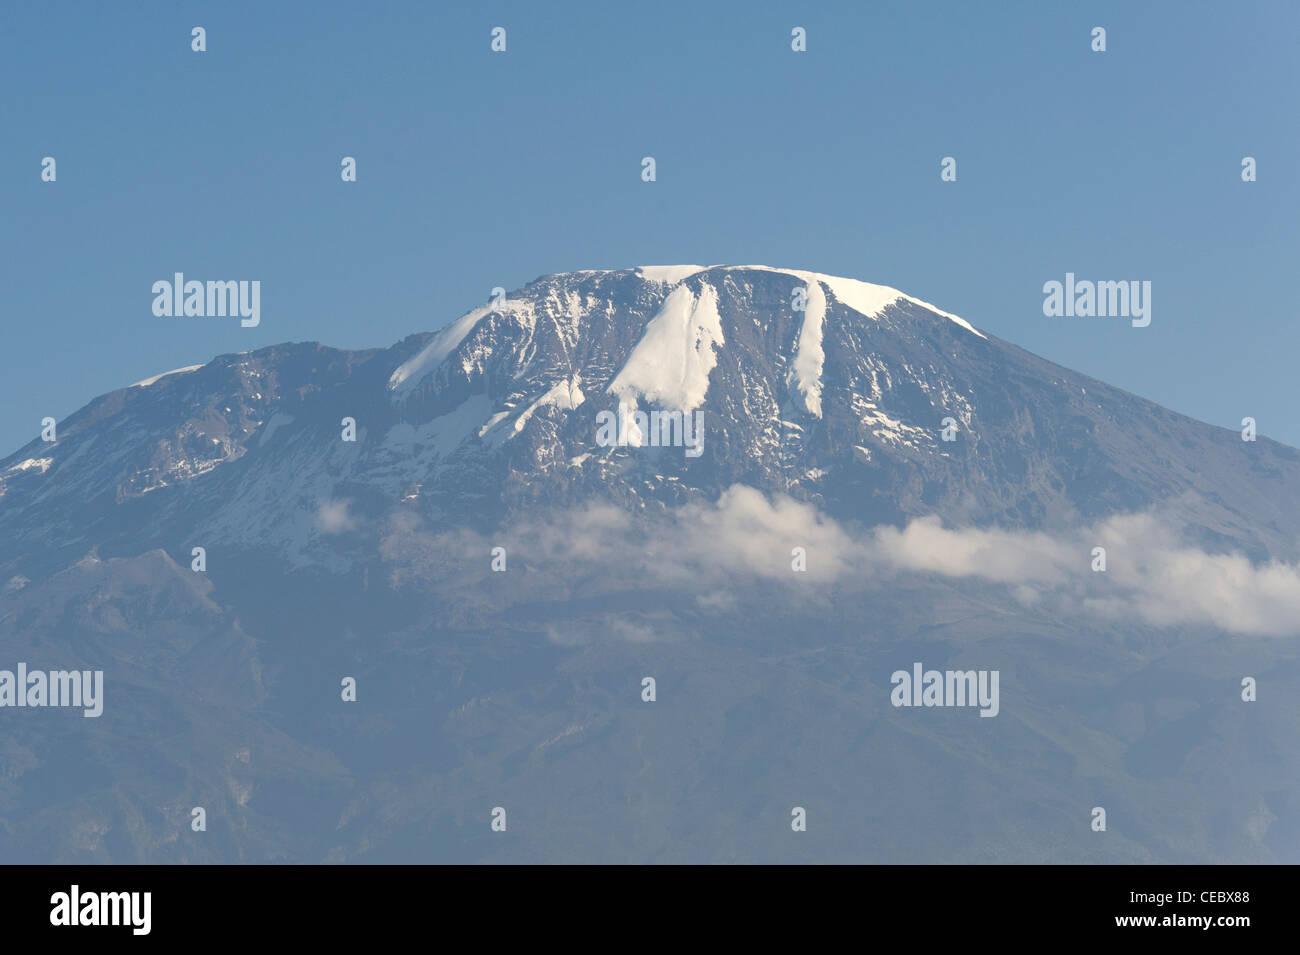 Kilimanjaro as seen from Moshi in Tanzania - Stock Image